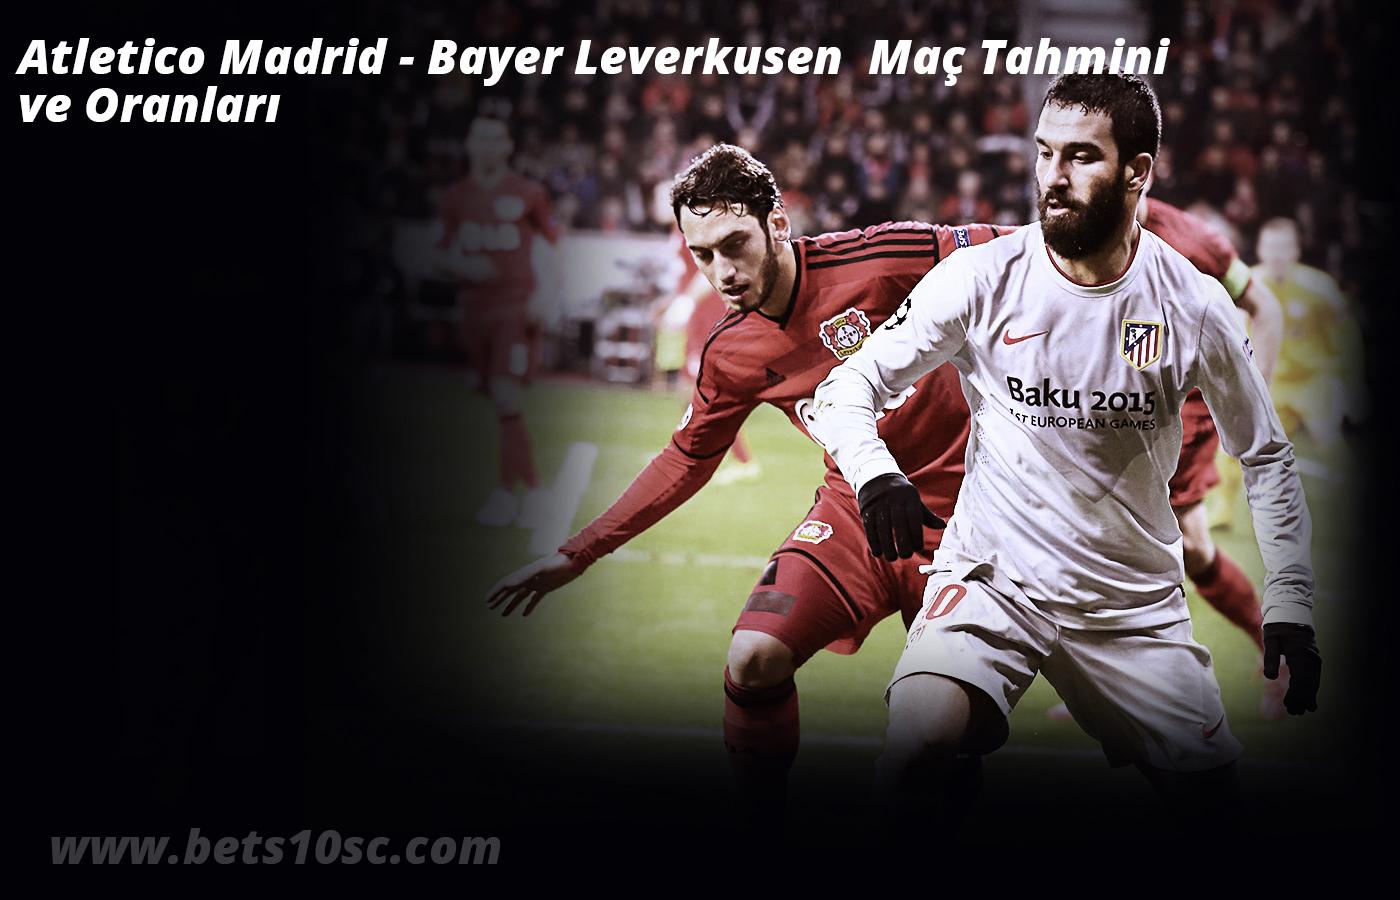 Atletico Madrid - Bayer Leverkusen Maç Tahmini ve Oranları